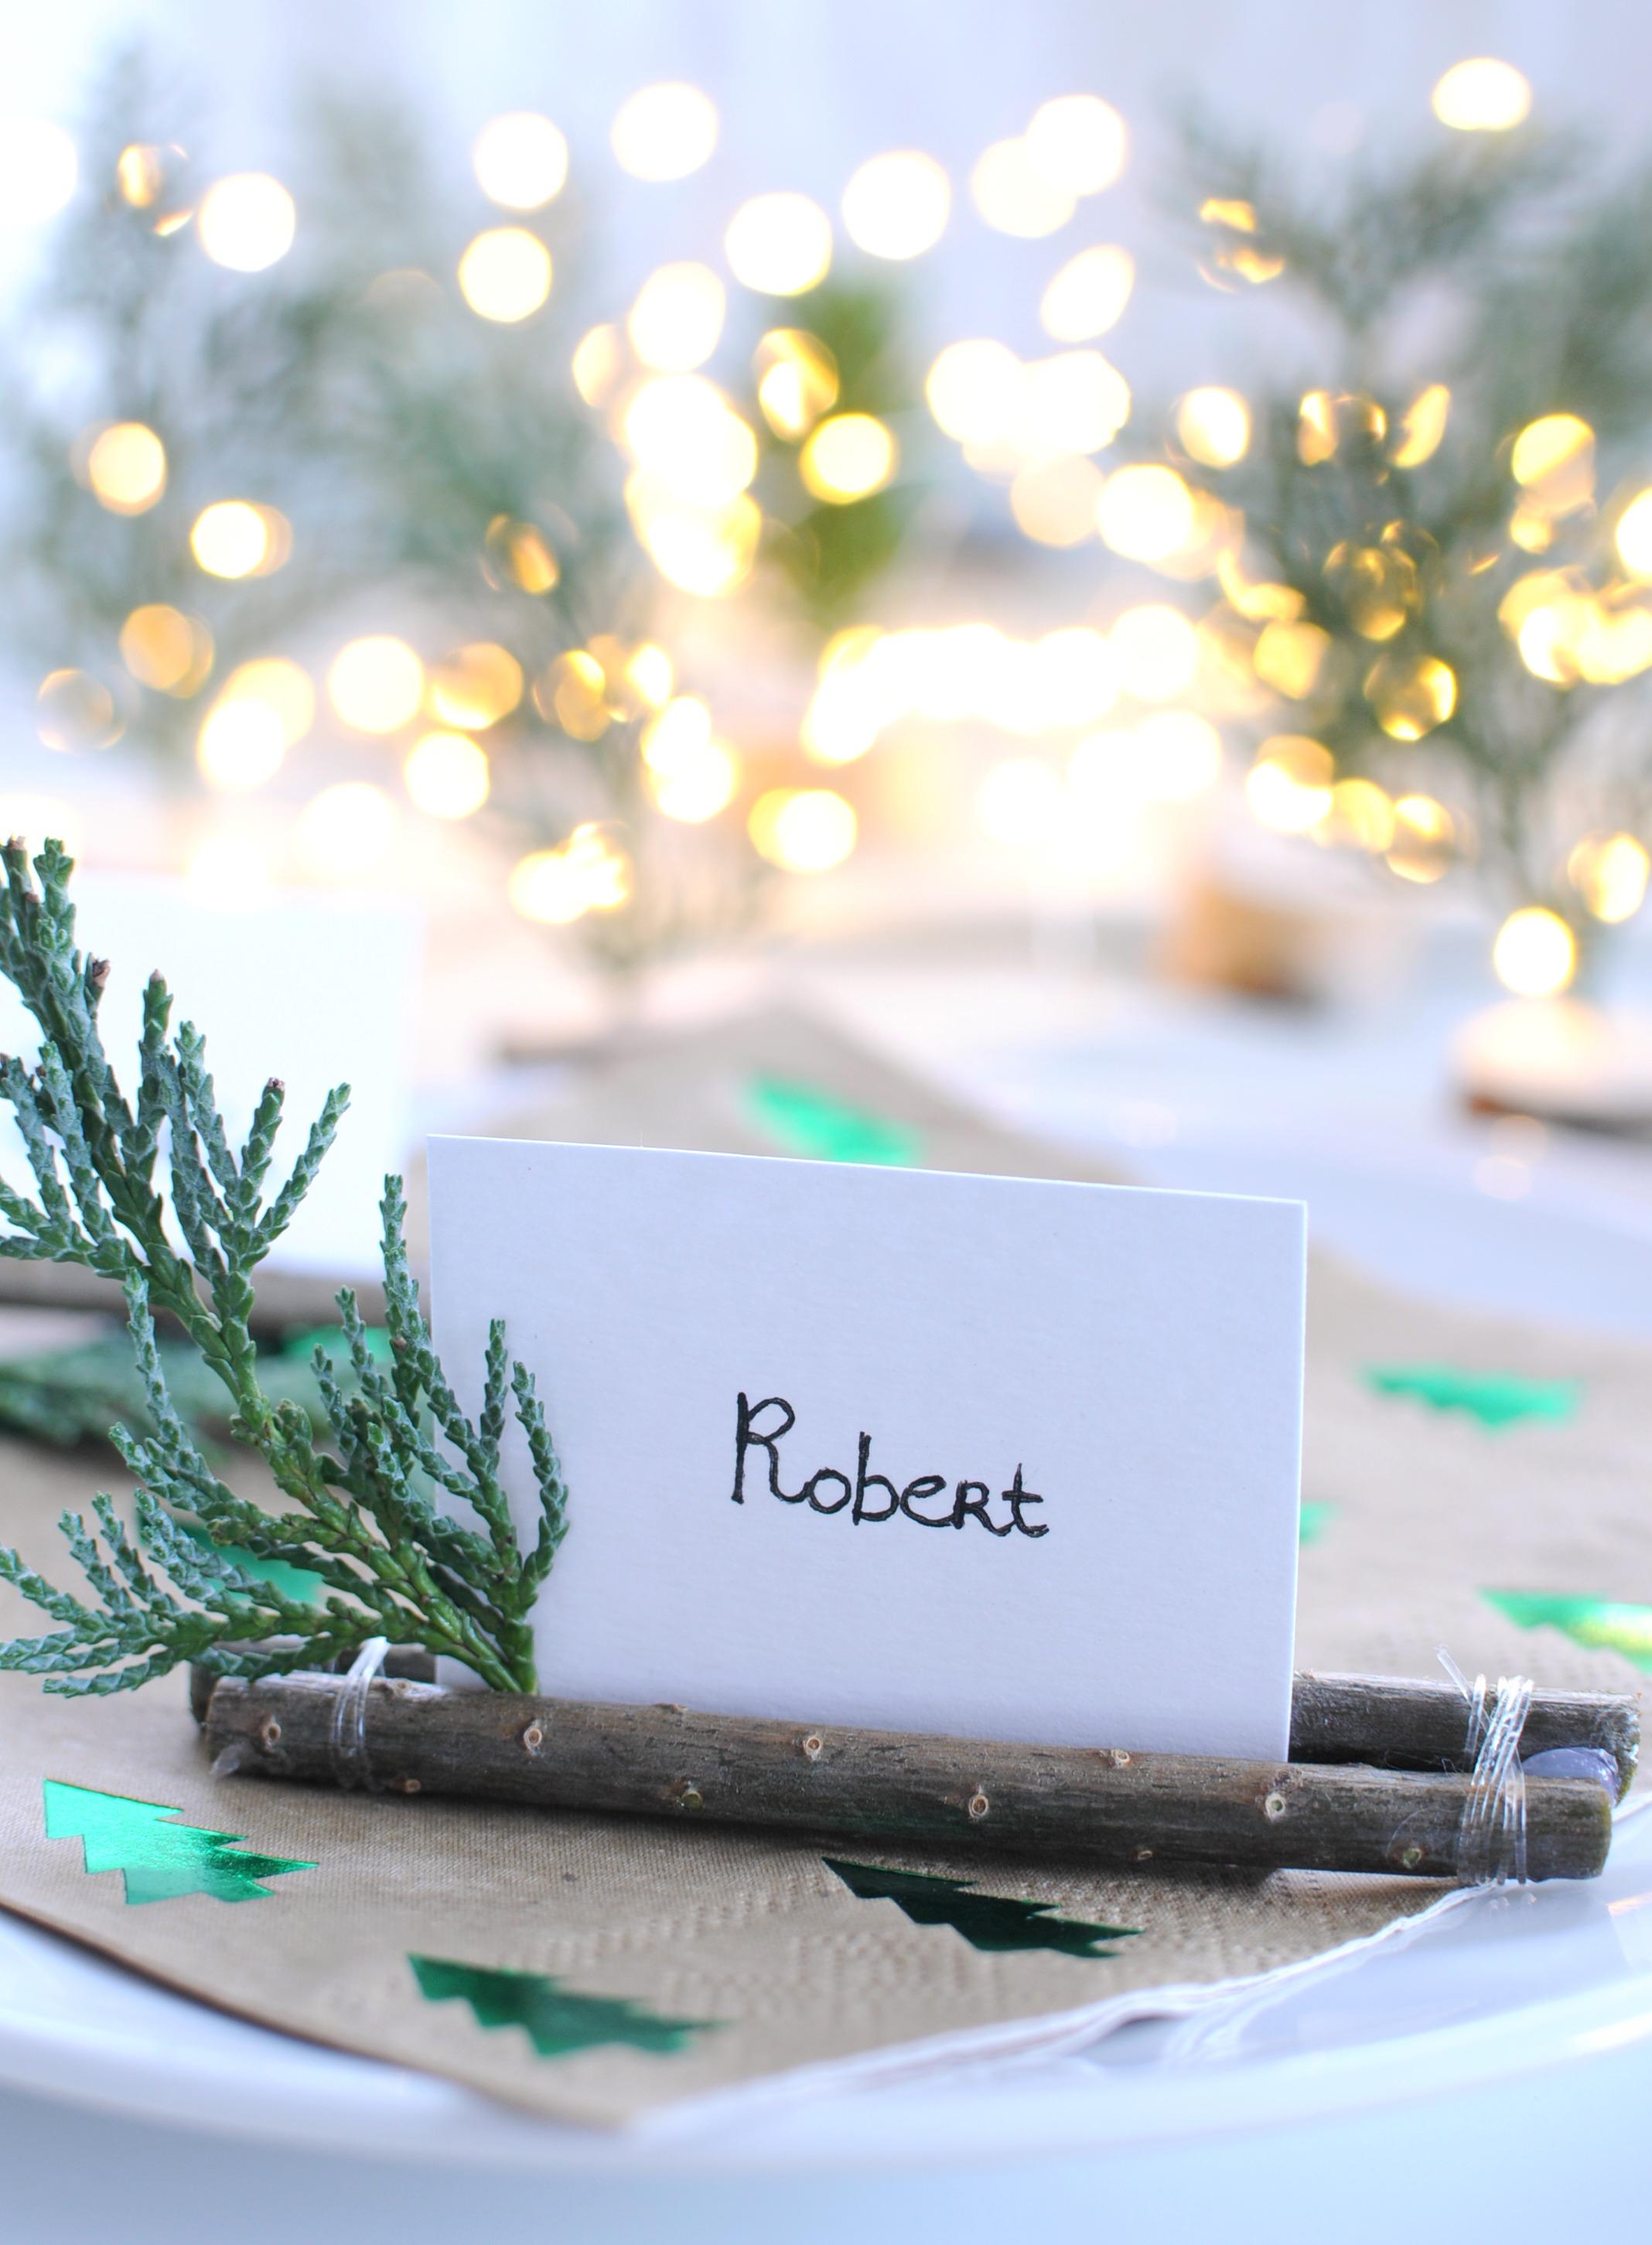 botanische naamkaartjes kerstdiner